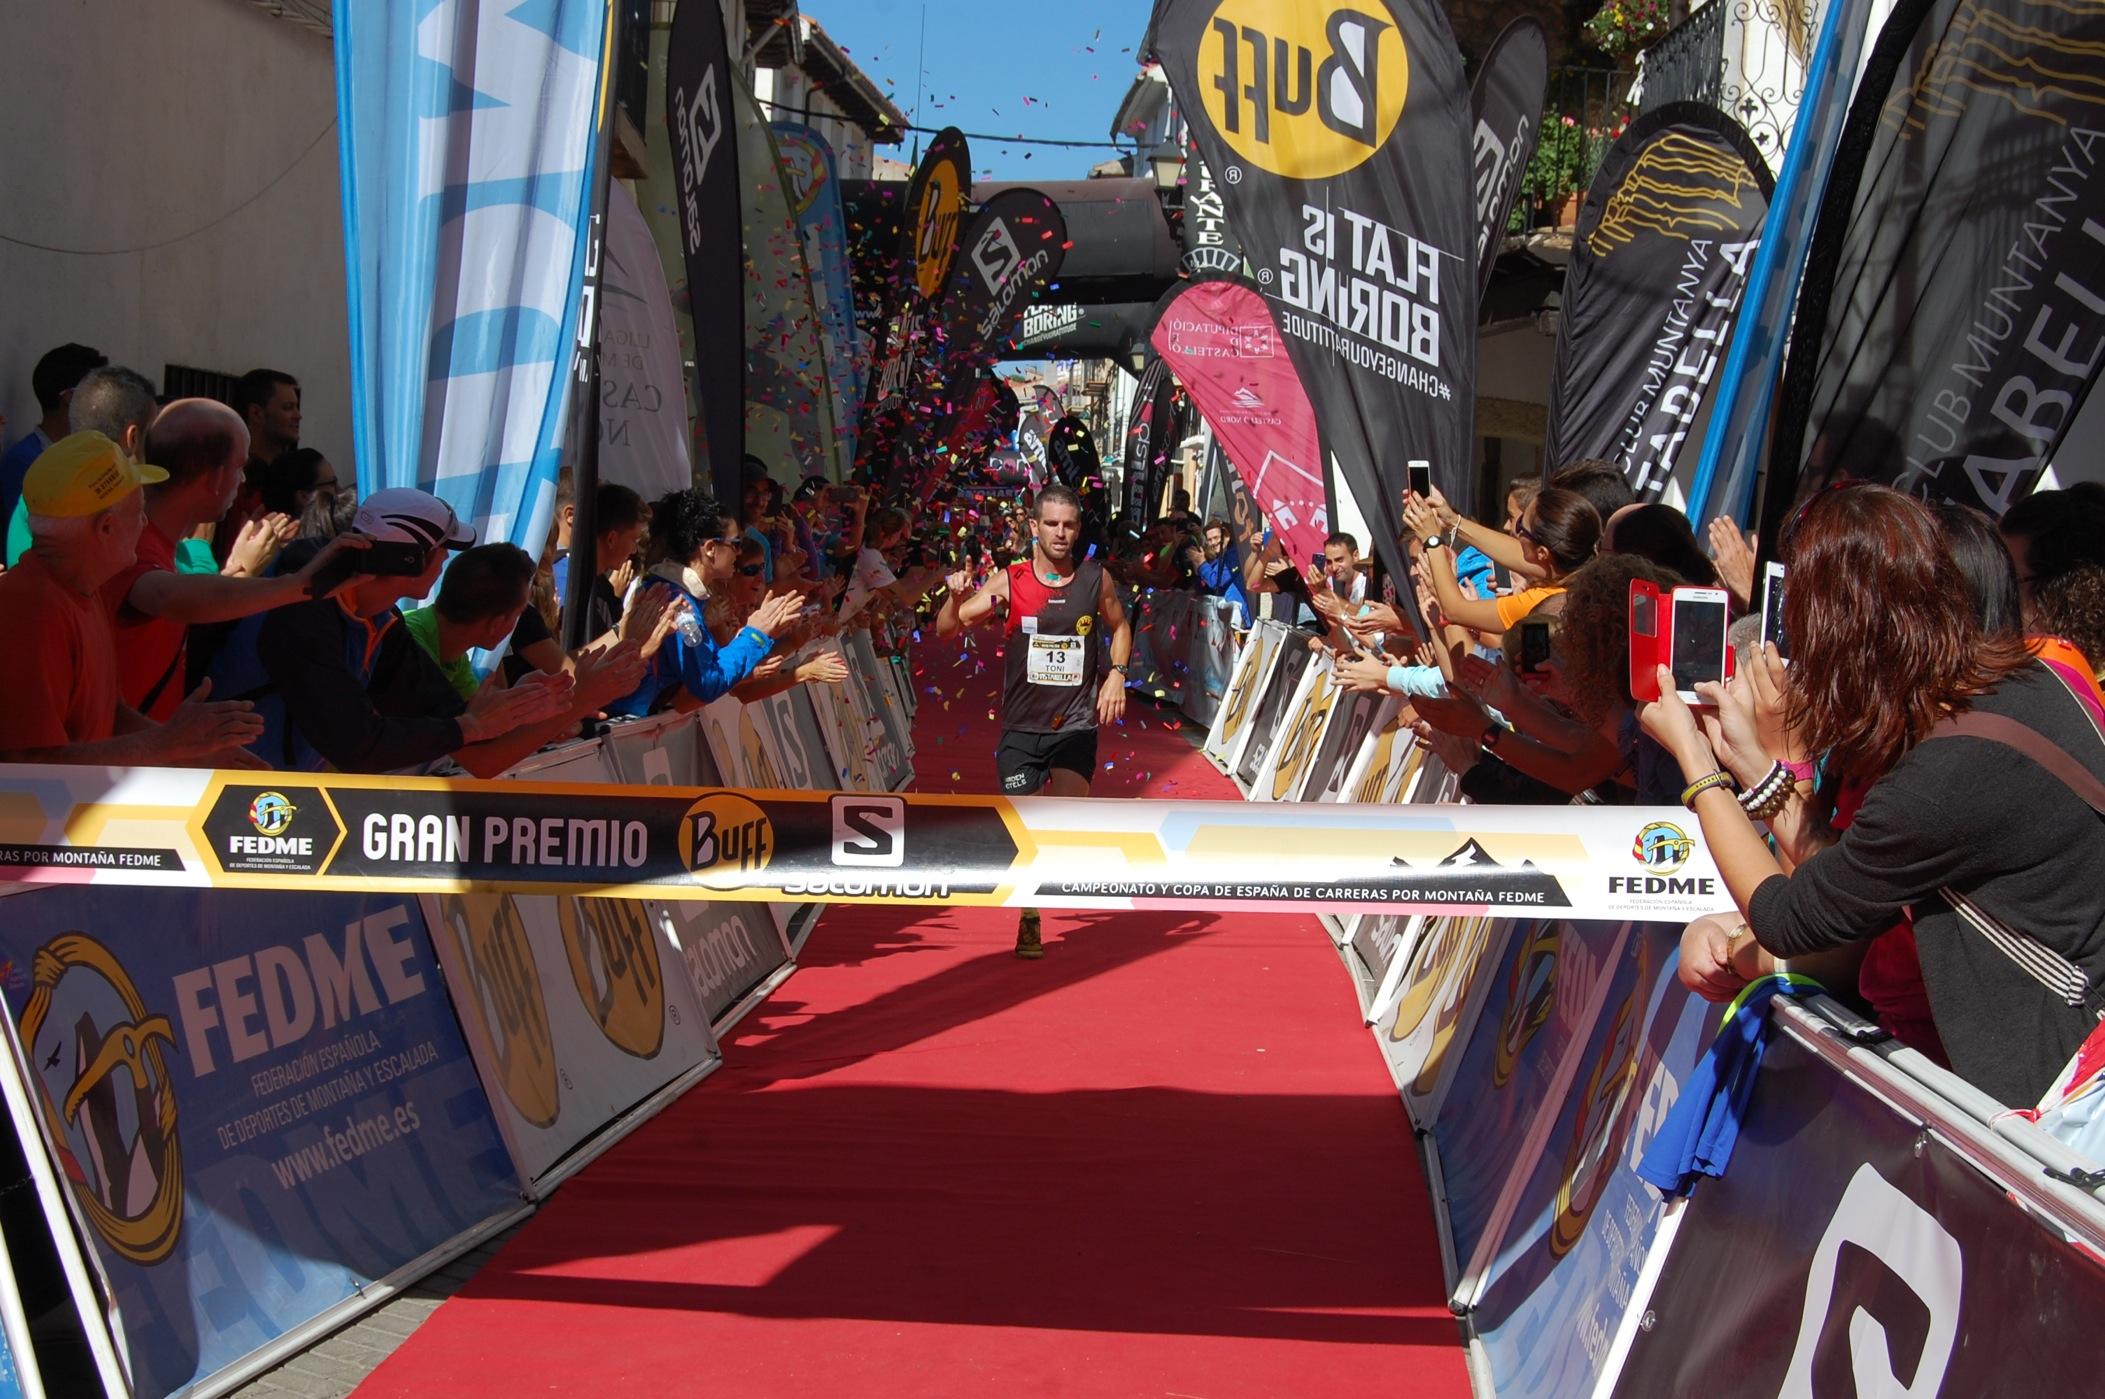 Toni Roldan y Paula Cabrerizo vencen en la Cursa de Muntanya de Vistabella de la Copa de España de Carreras por Montaña en Línea - GP BUFF®-Salomon